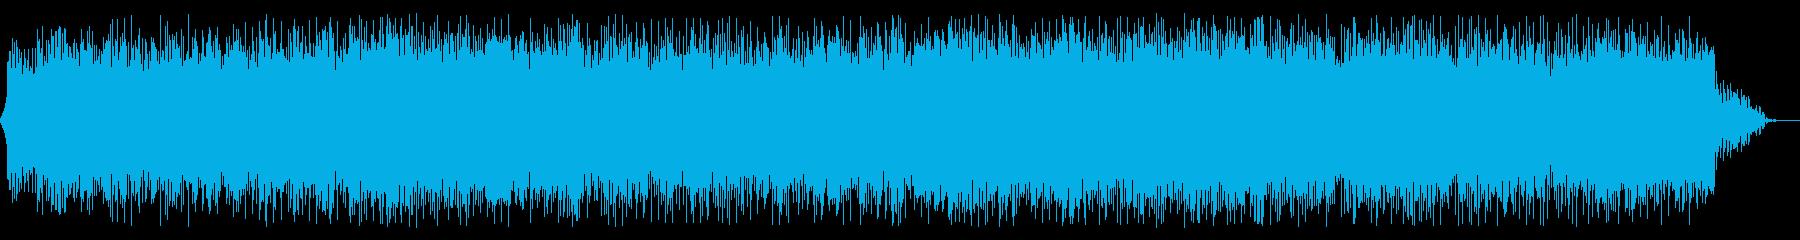 クールなイメージのハウス系楽曲の再生済みの波形